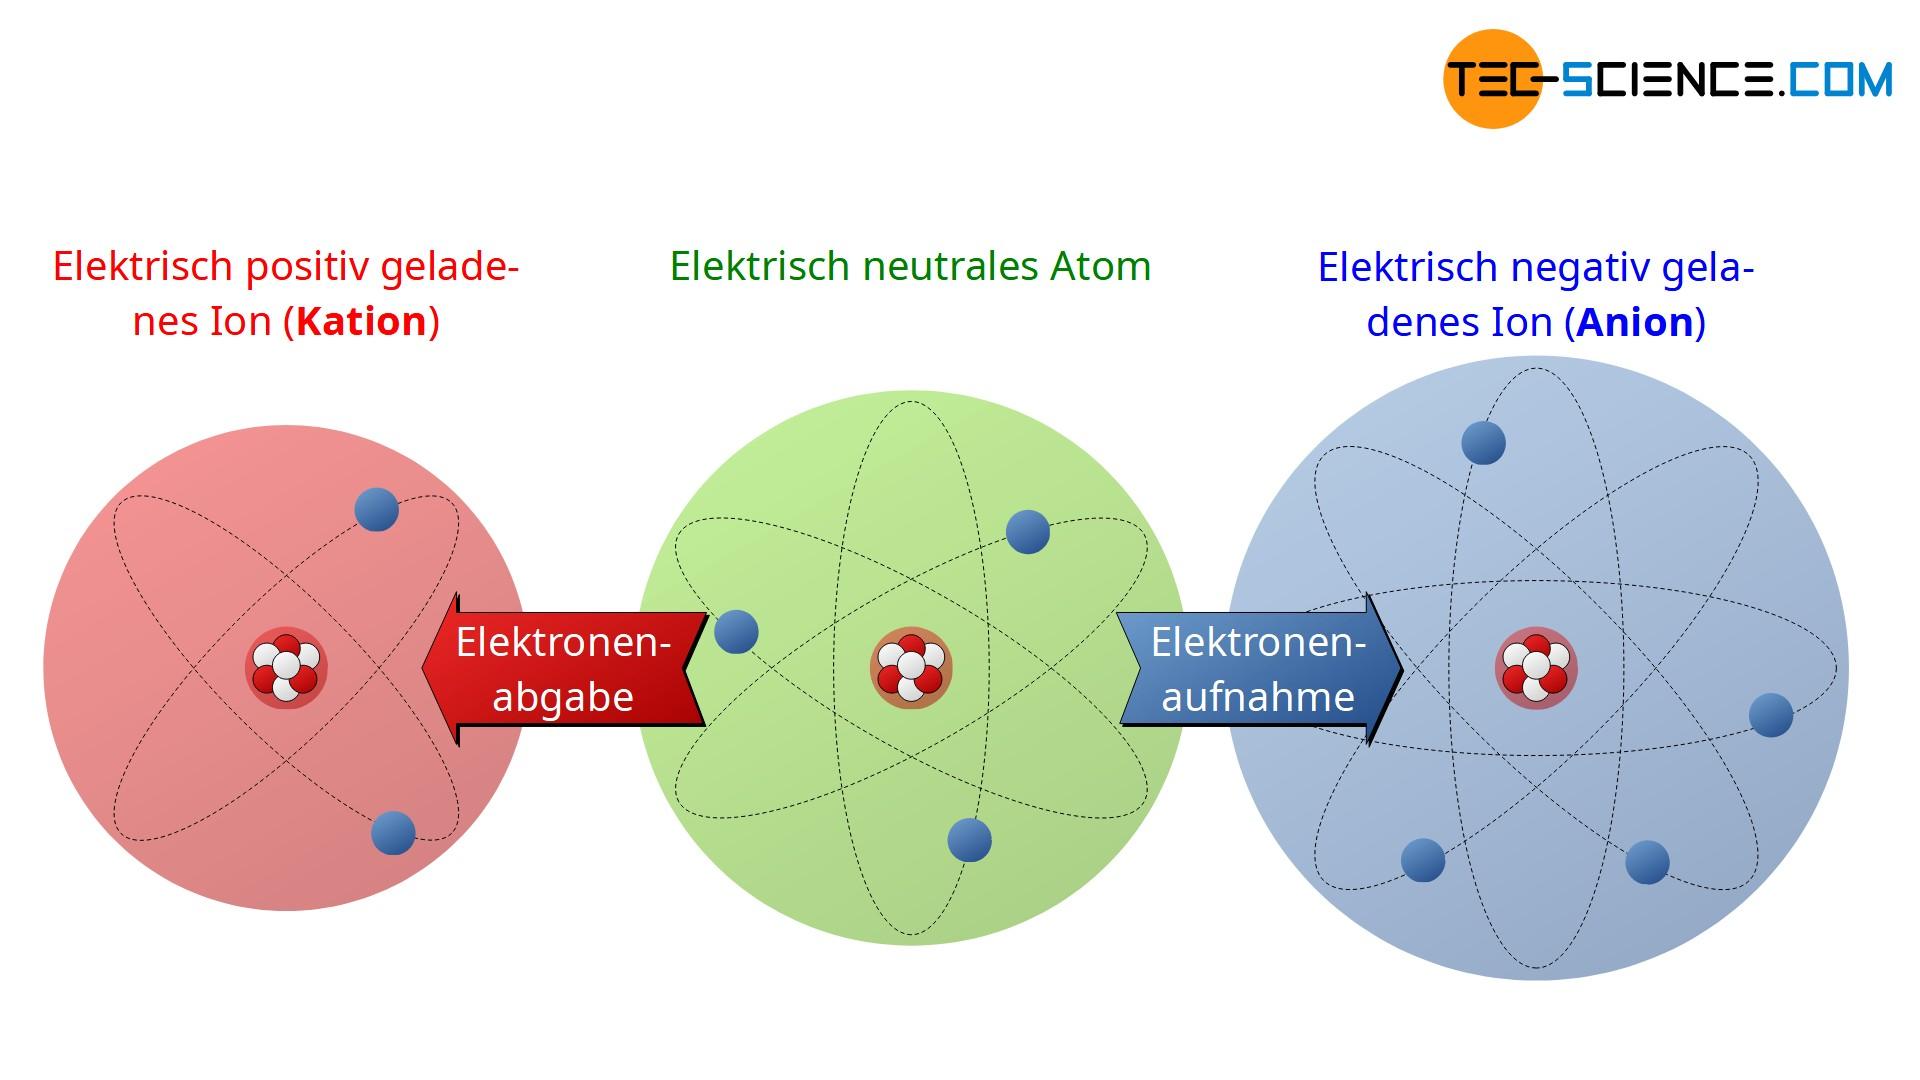 Ionisation (Kation und Anion)